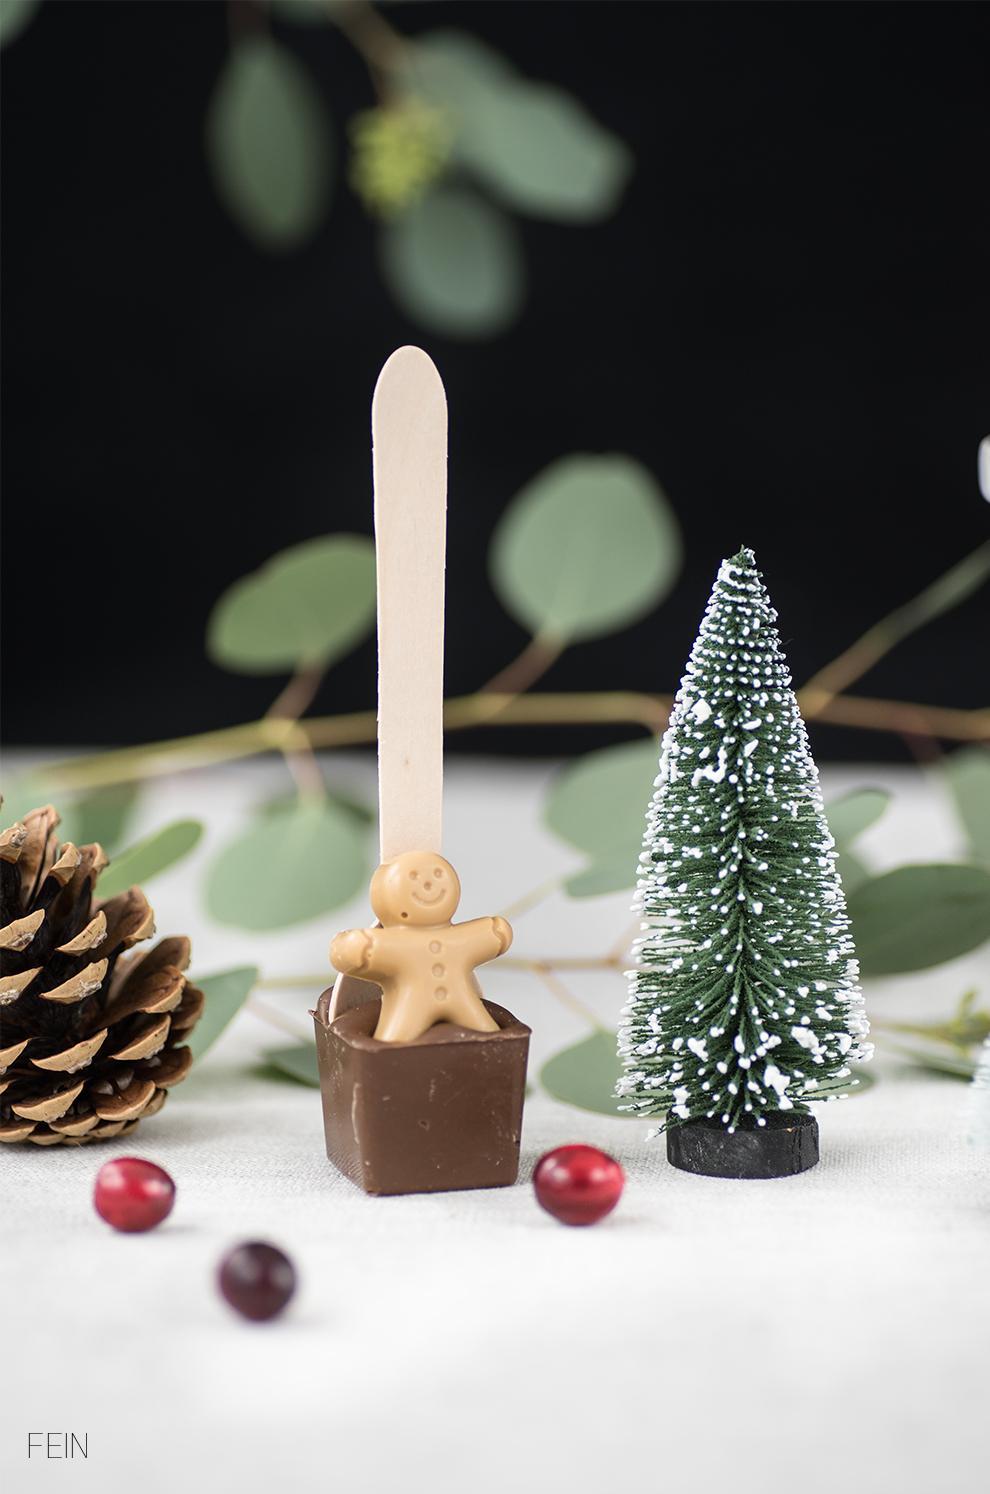 Nikolaus Geschenke Trinkschokolade am Stiel